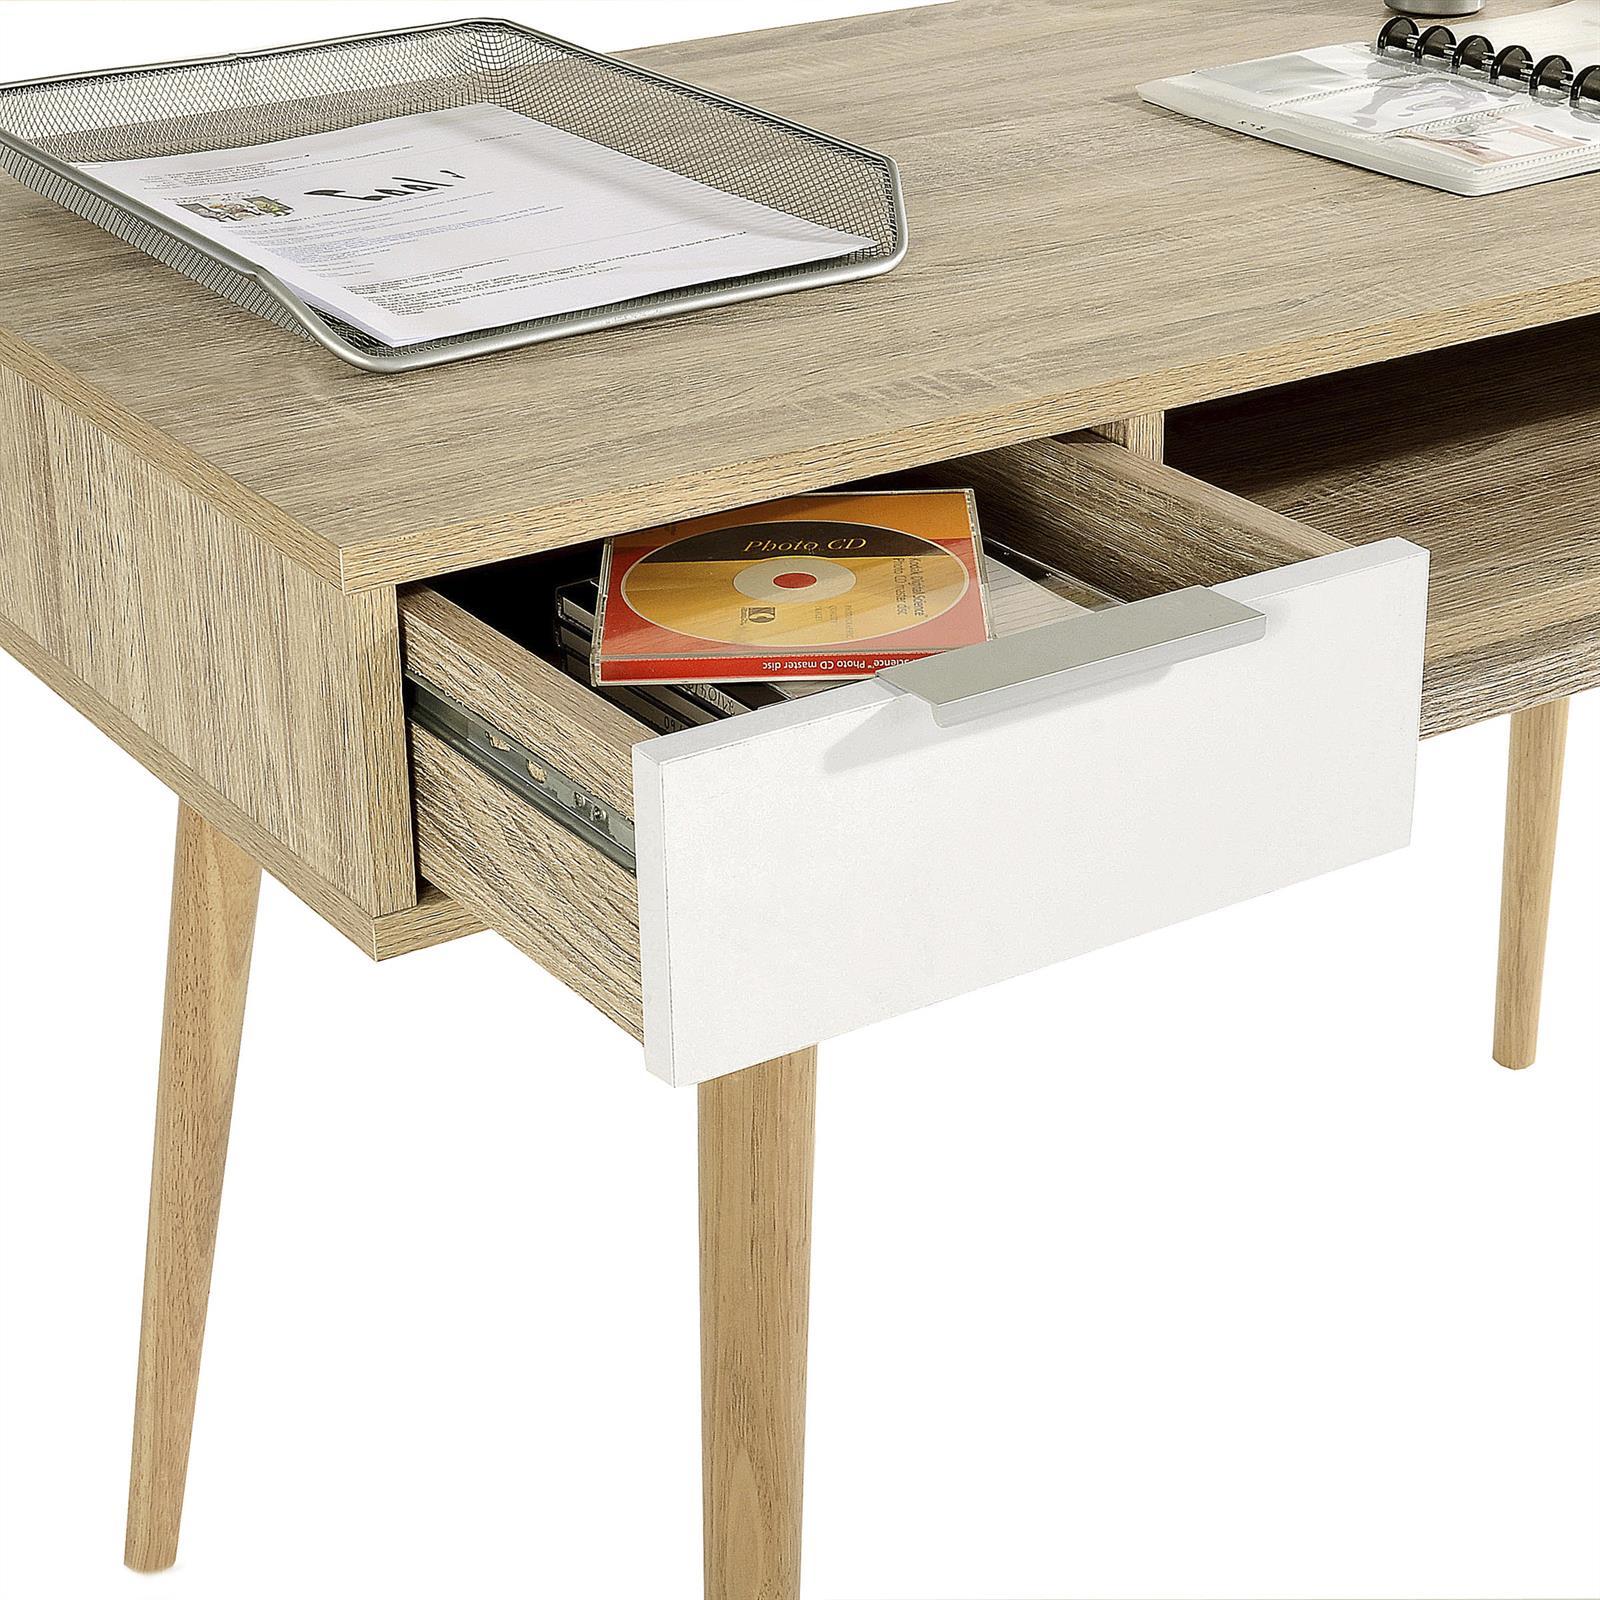 konsole anrichte konsolentisch schreibtisch sonoma eiche weiss 2 schubladen eur 89 95. Black Bedroom Furniture Sets. Home Design Ideas